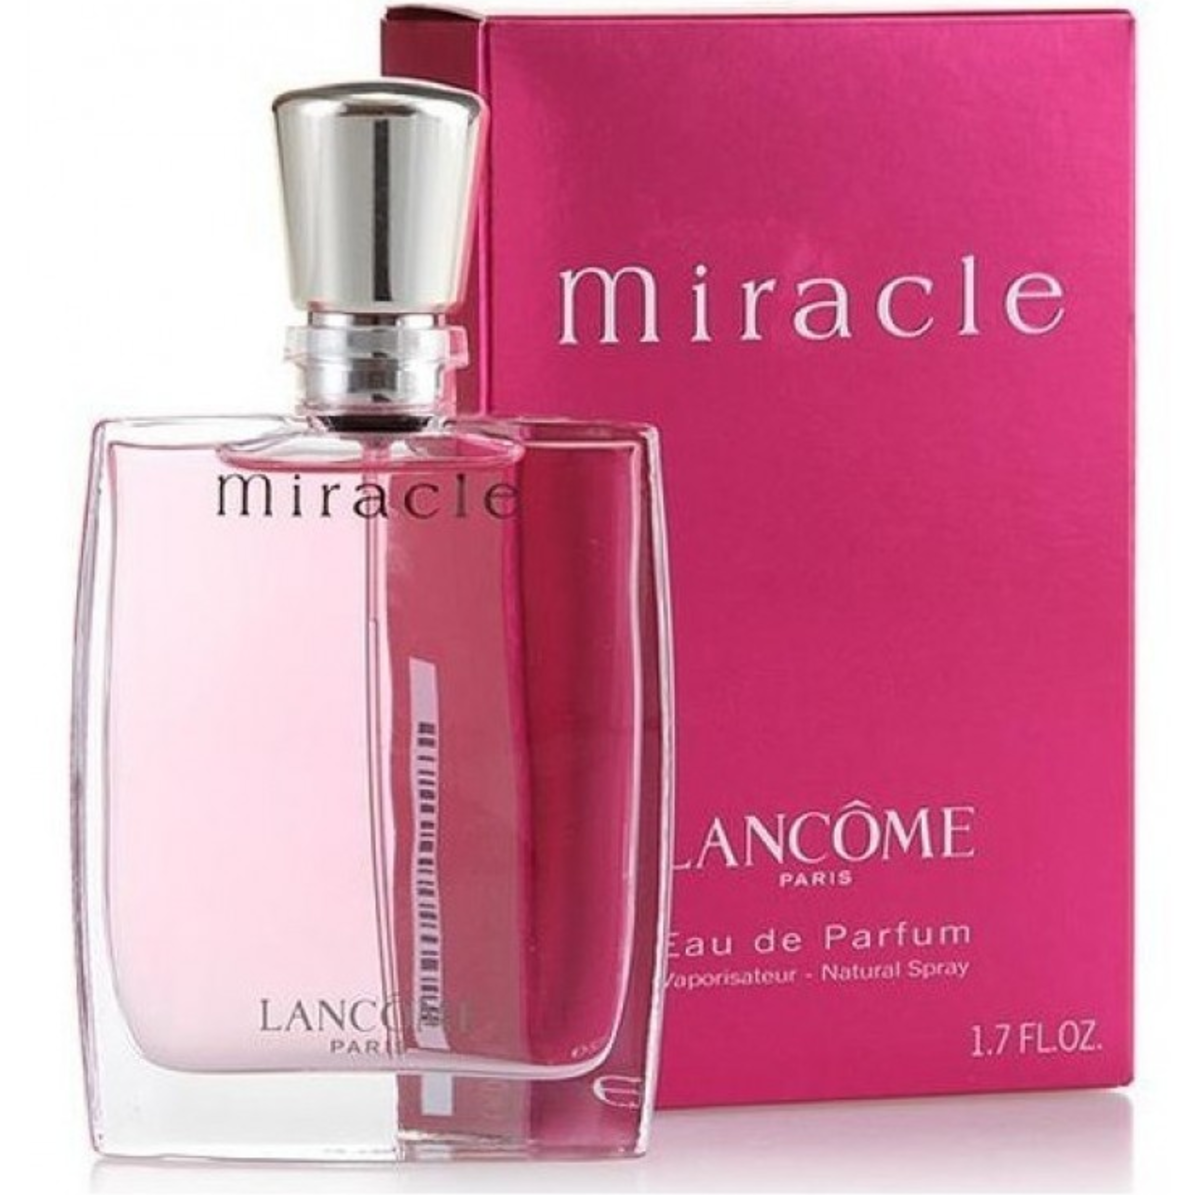 Lancôme - Miracle - eau de parfum